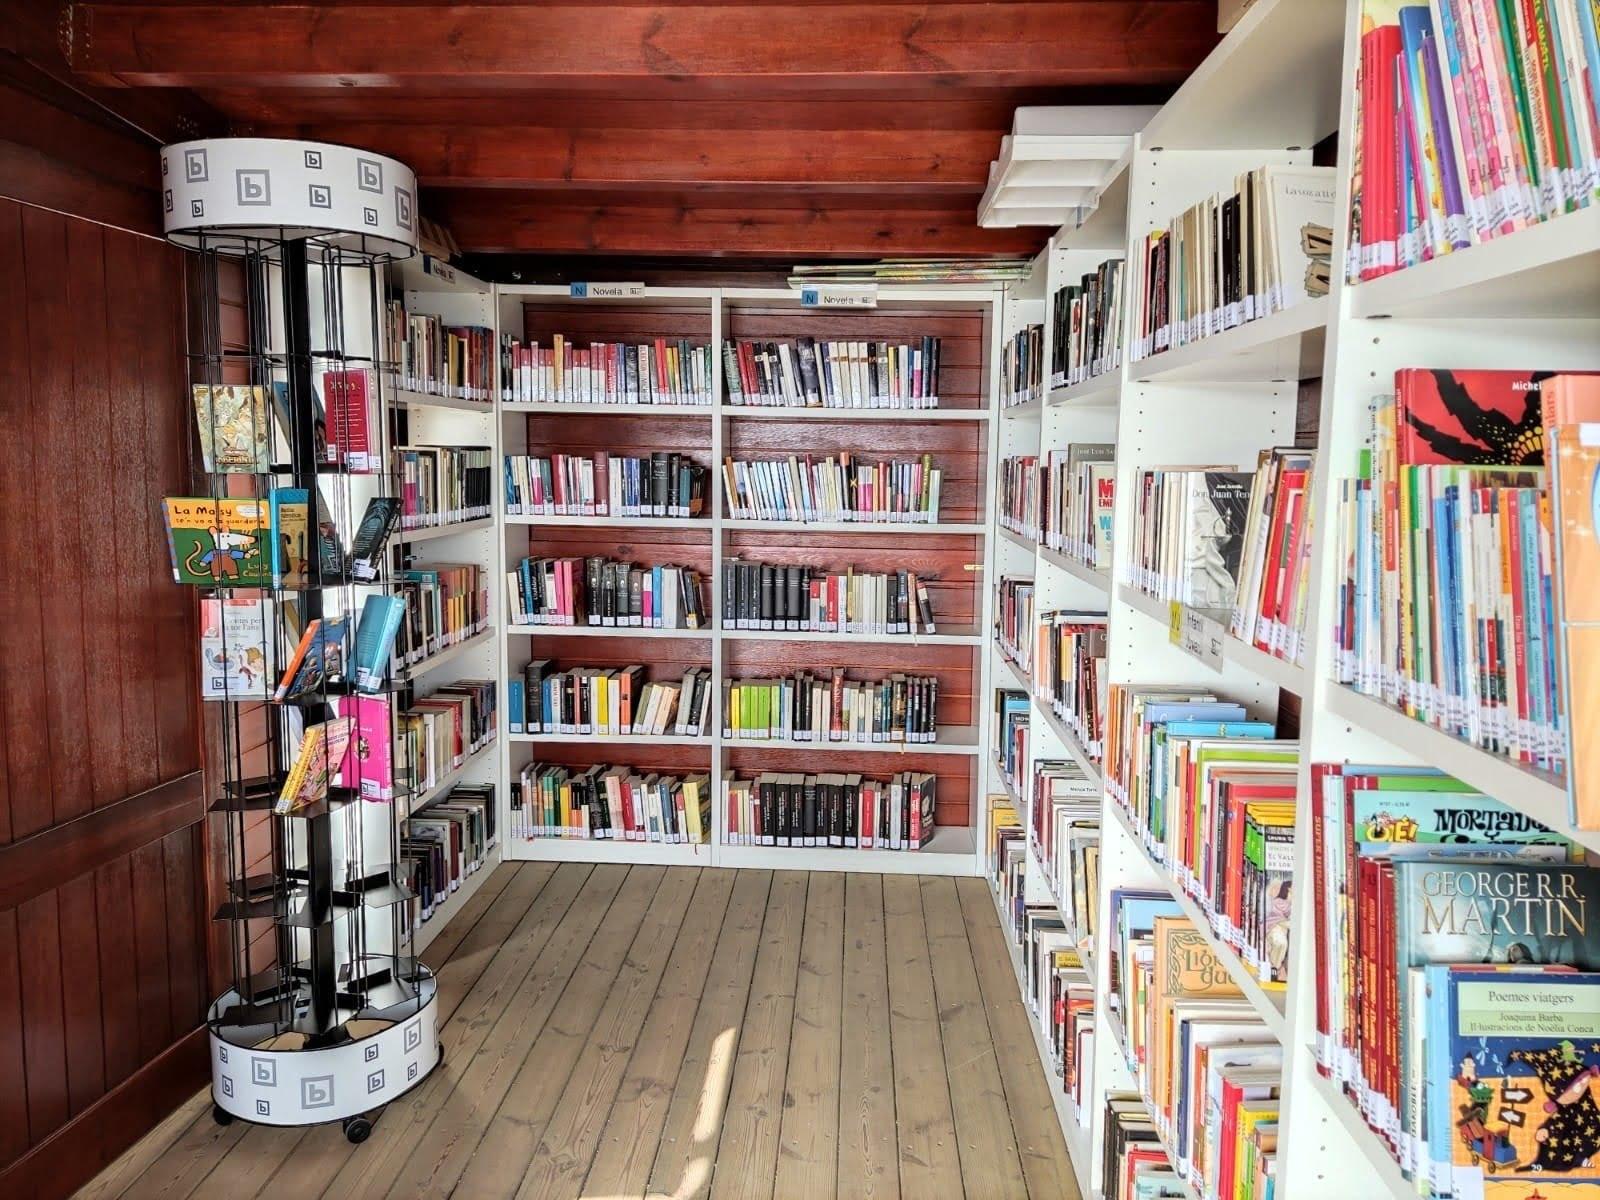 Colección de libros para préstamos de la Biblioplatja